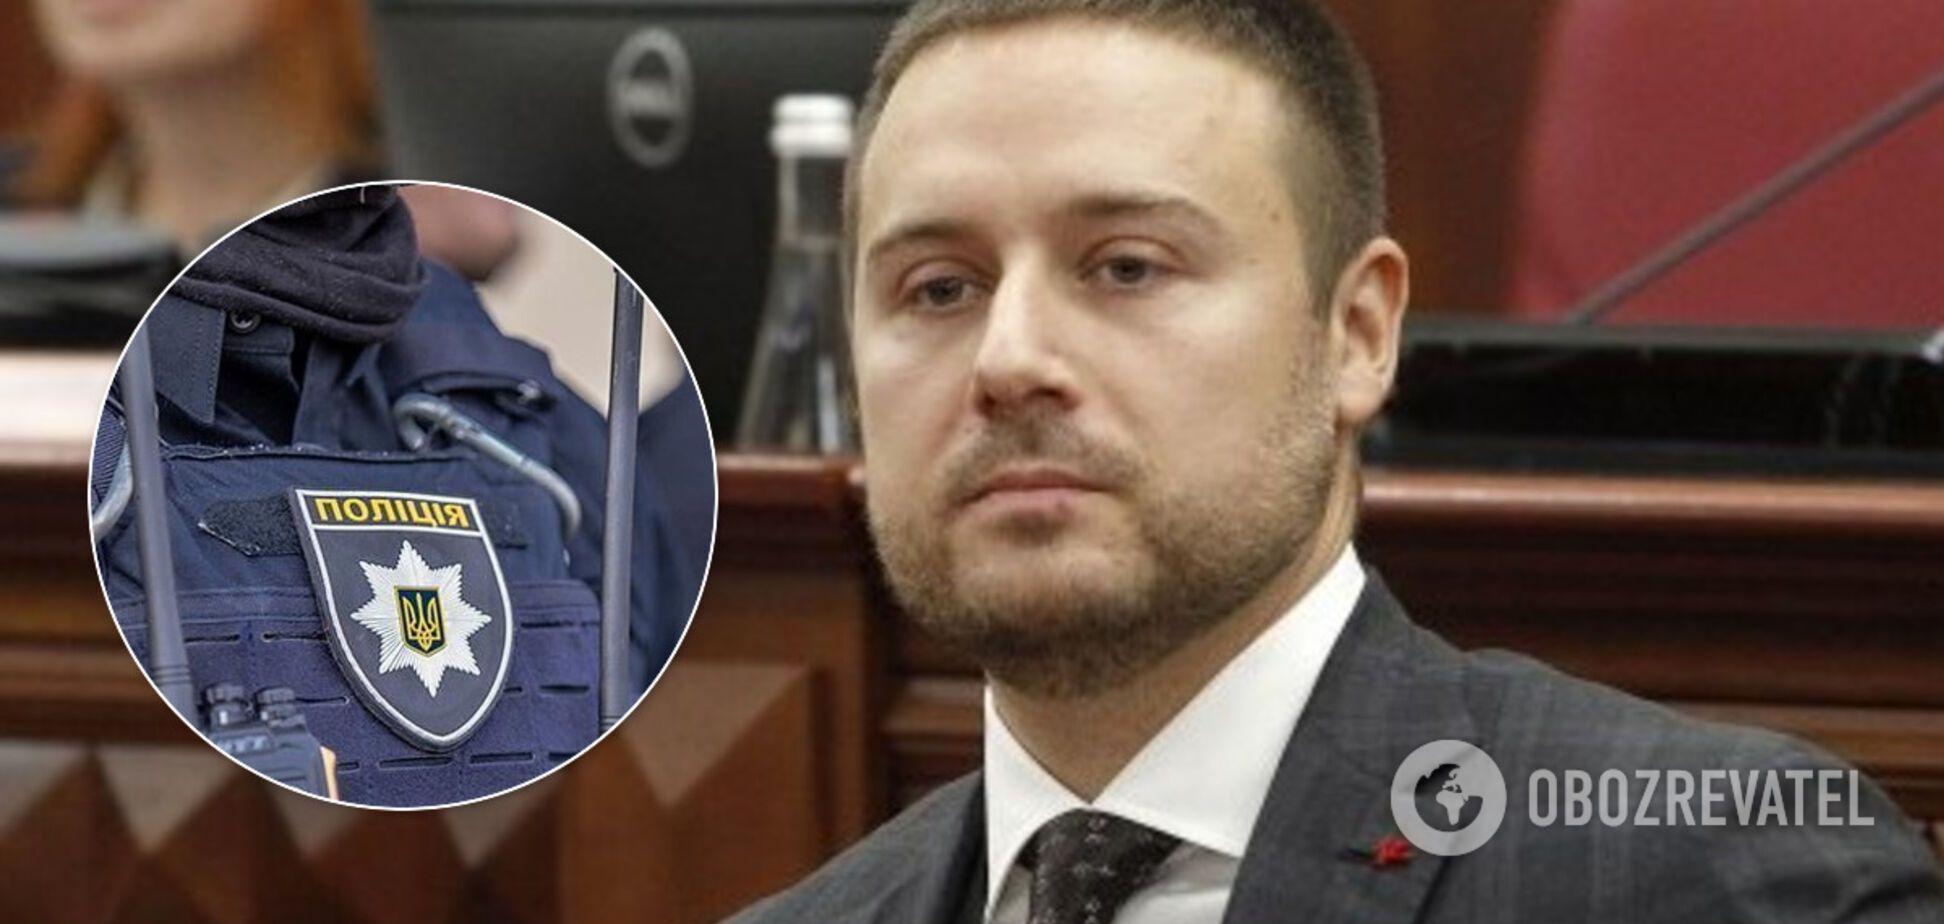 Поліція повідомила про підозру ексзаступнику голови КМДА Слончаку